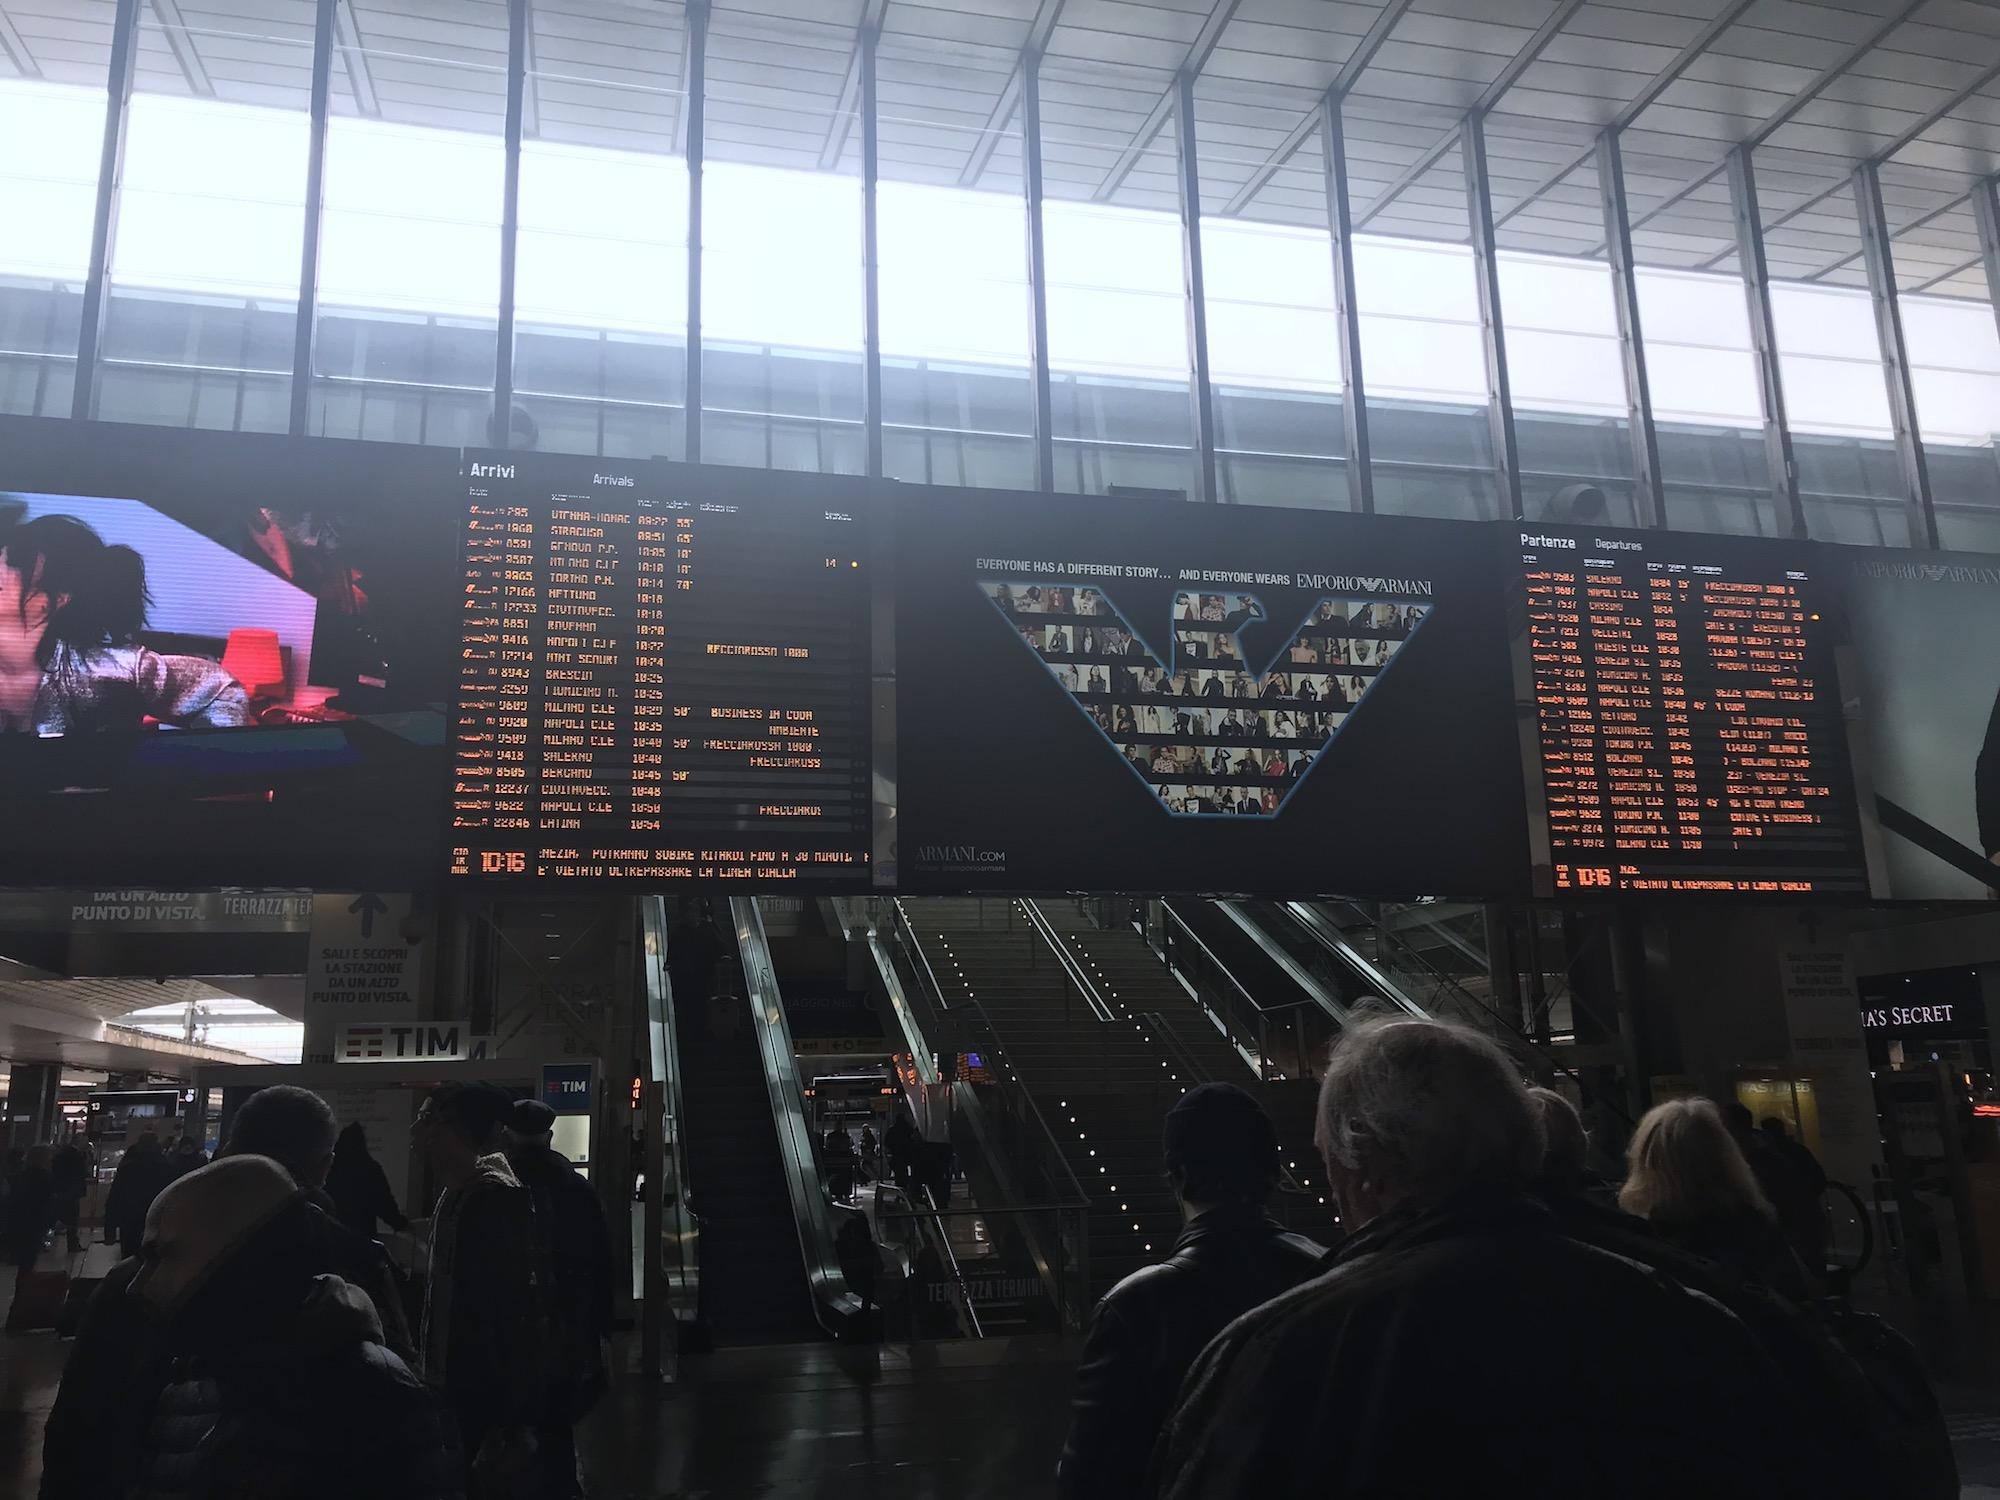 rome to venice train termini station